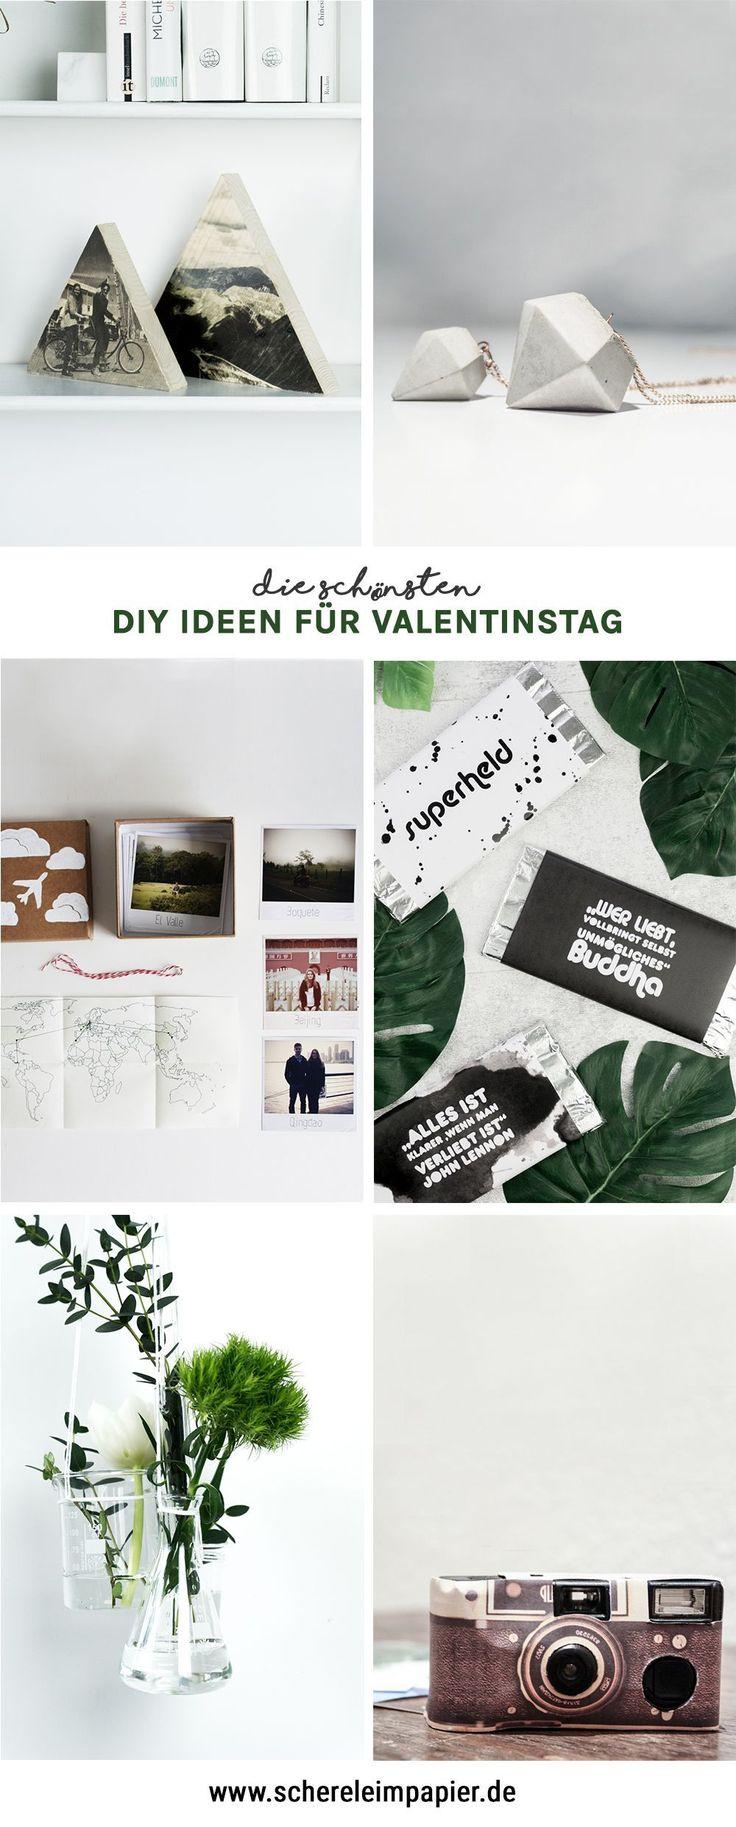 Die Schönsten Weihnachtsgeschenke Zum Selber Machen 68 nejlepších obrázků na pinterestu na téma diy geschenkideen